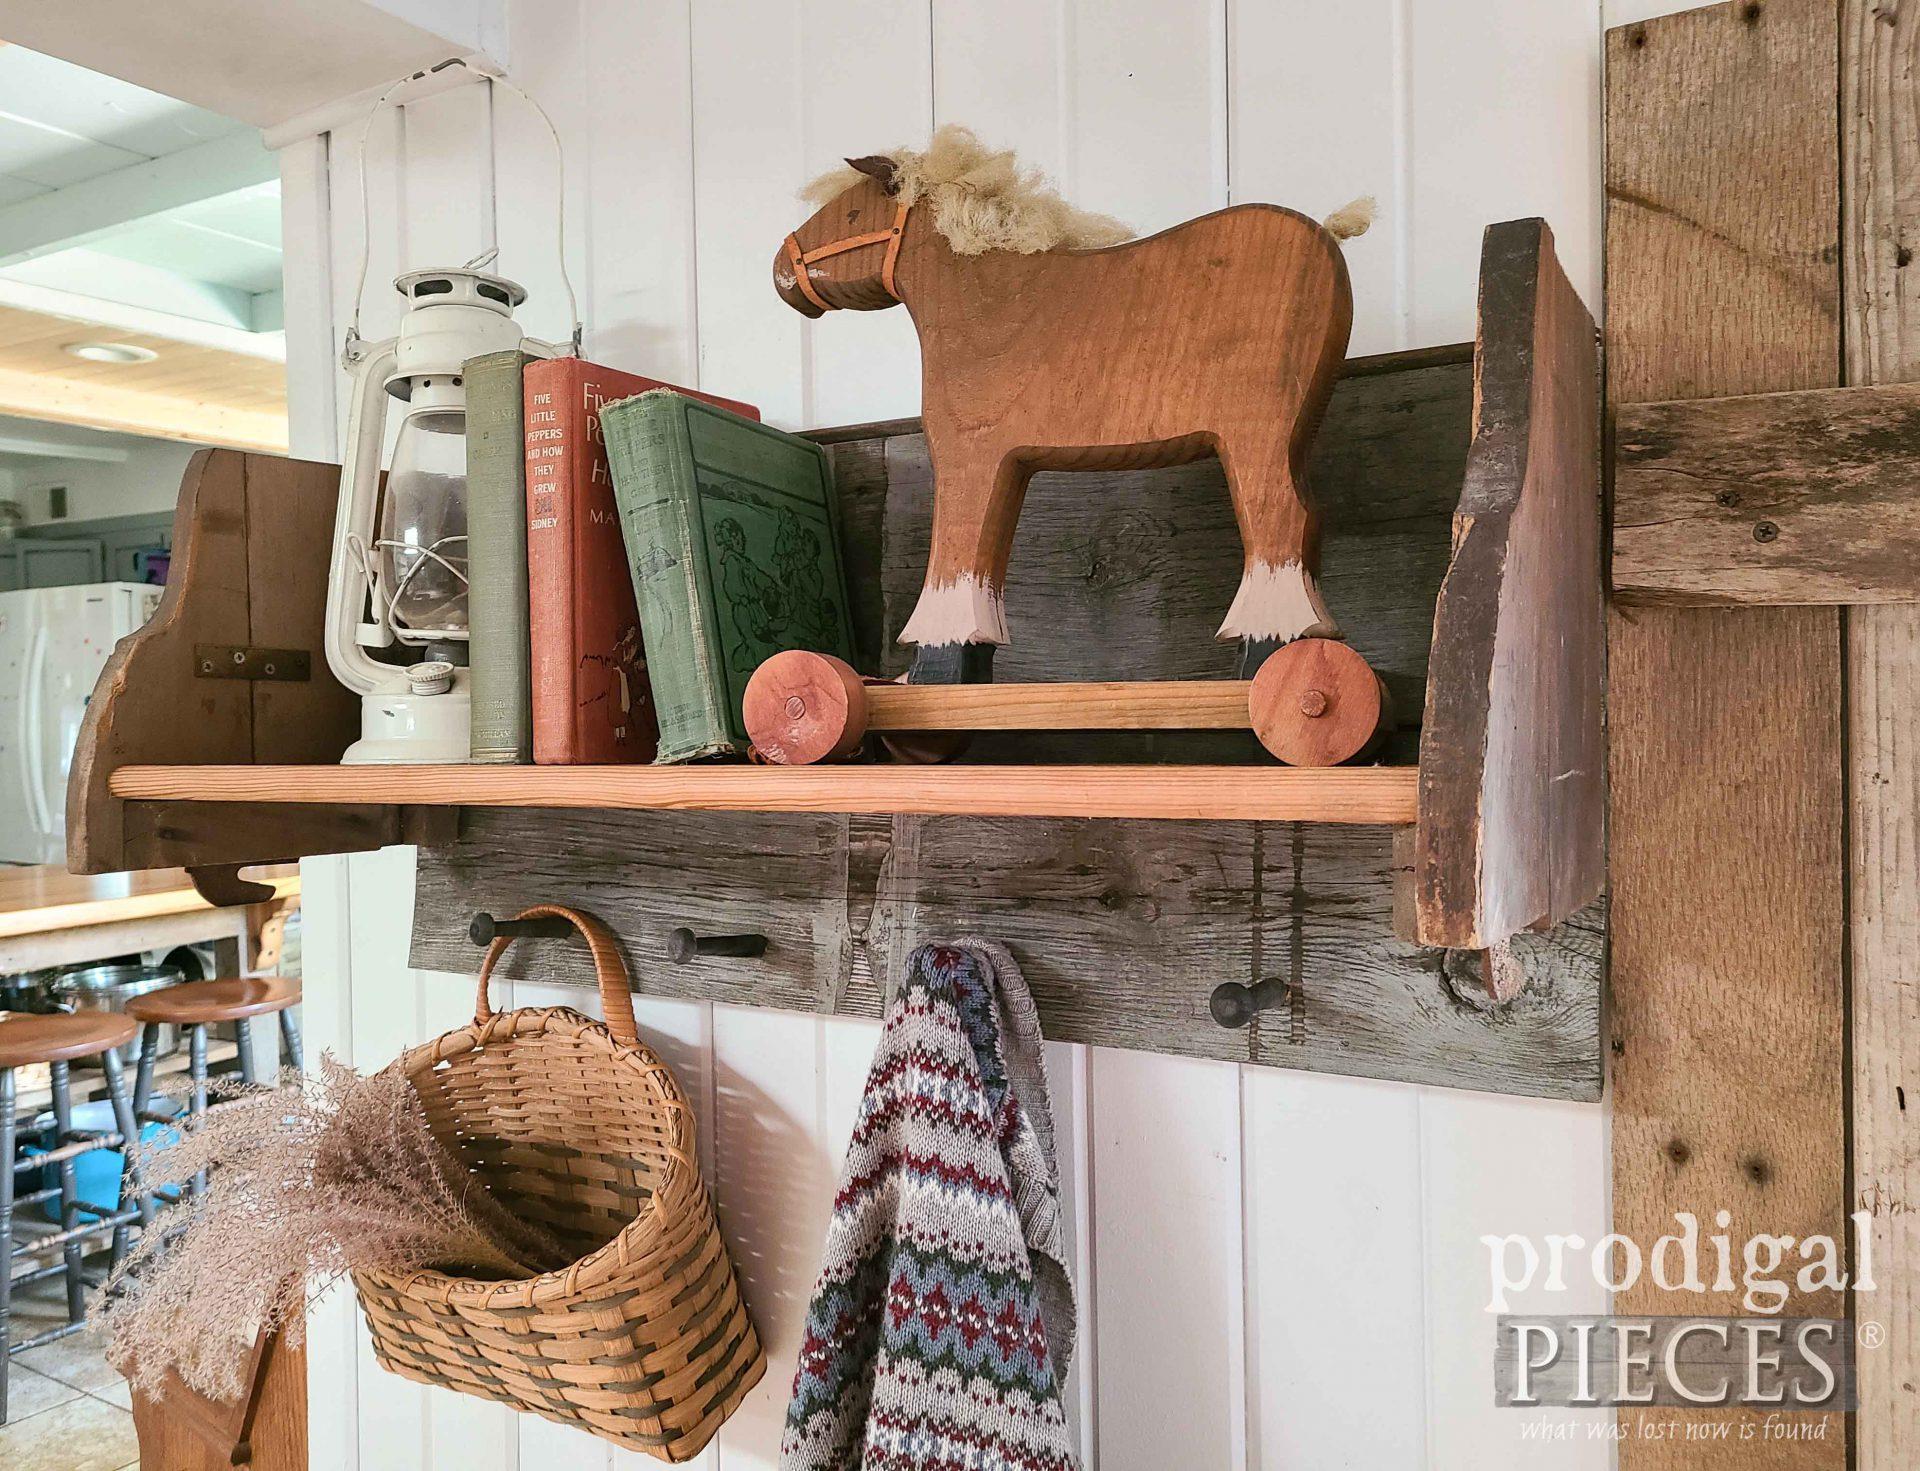 Side View of Reclaimed Shelf Rack built by Larissa of Prodigal Pieces   prodigalpieces.com #prodigalpieces #shelf #diy #farmhouse #home